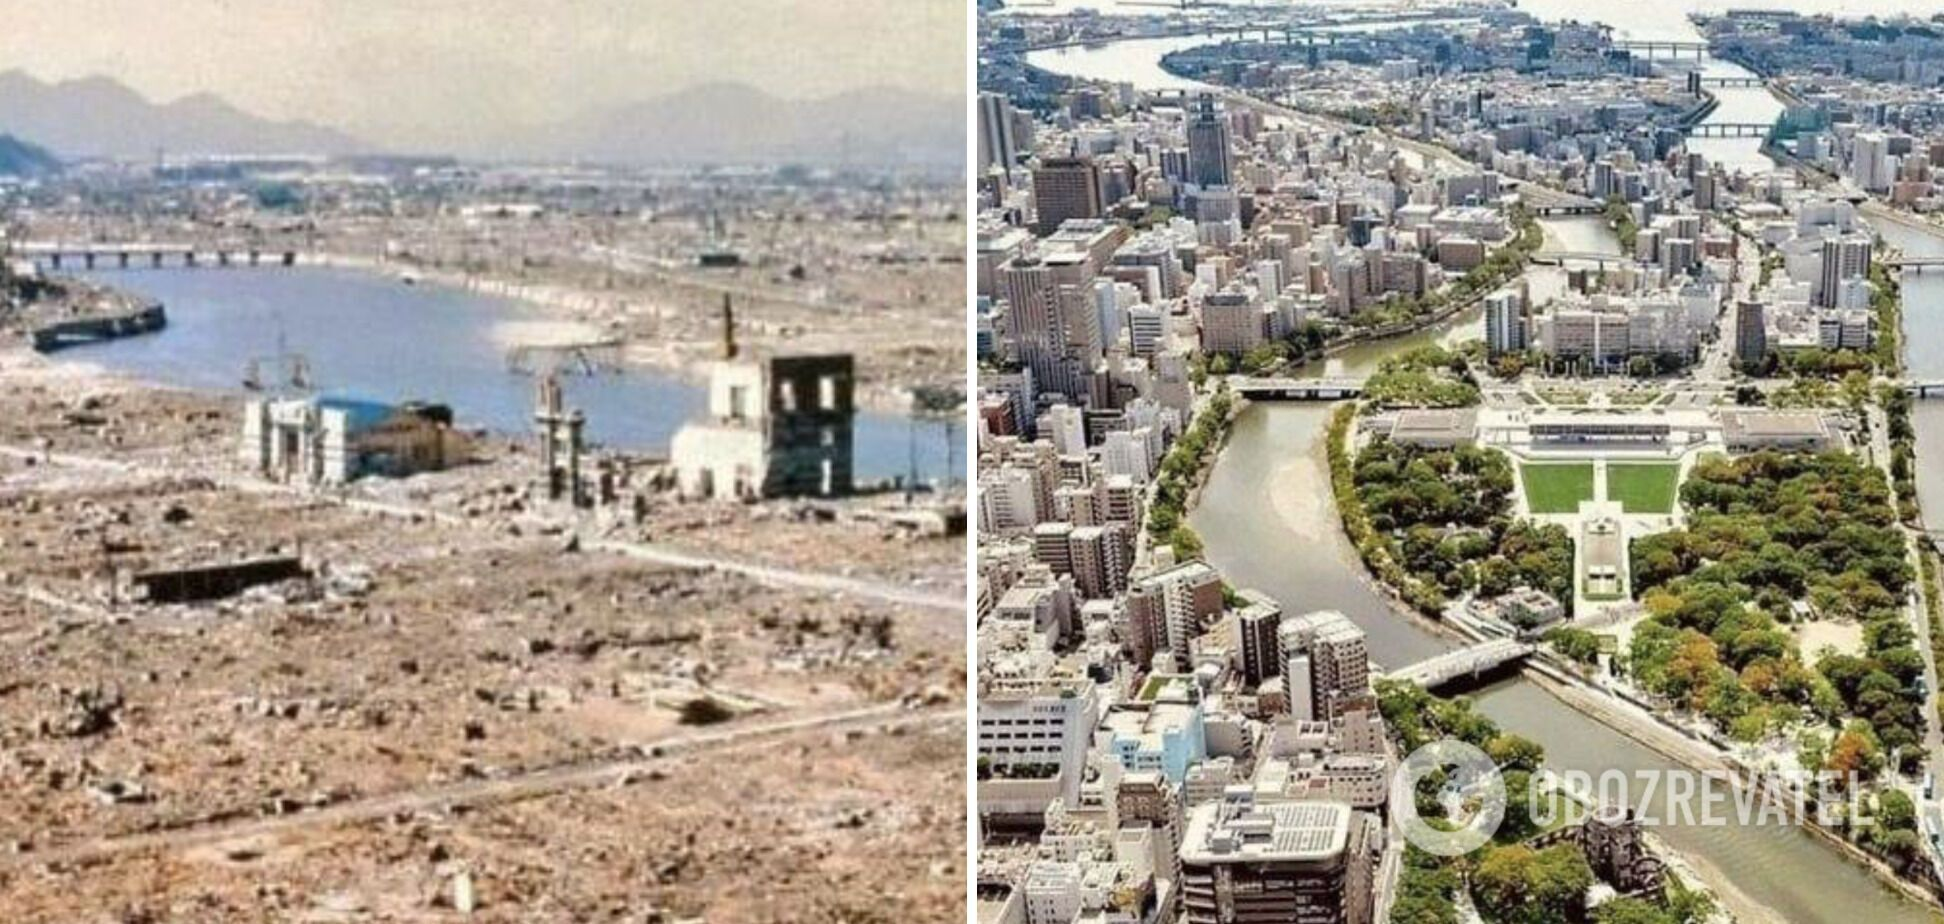 Хиросима в 1945 году и сейчас.